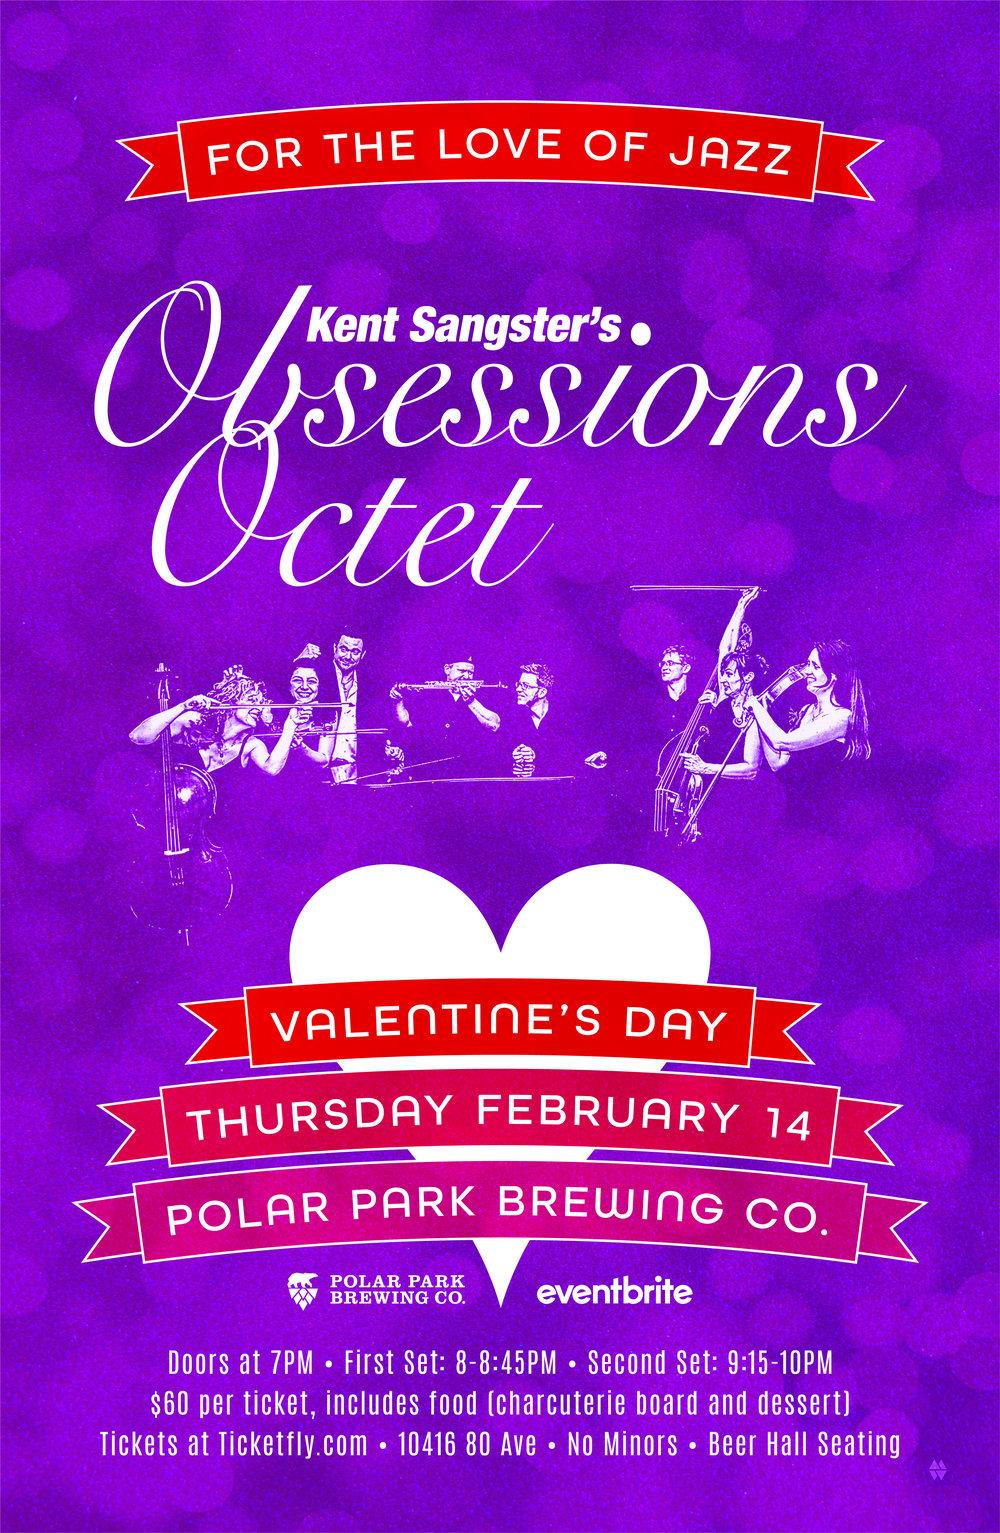 PPBC-Feb14-ObsessionsOctet_11x17-CMYK4bleedson.jpg